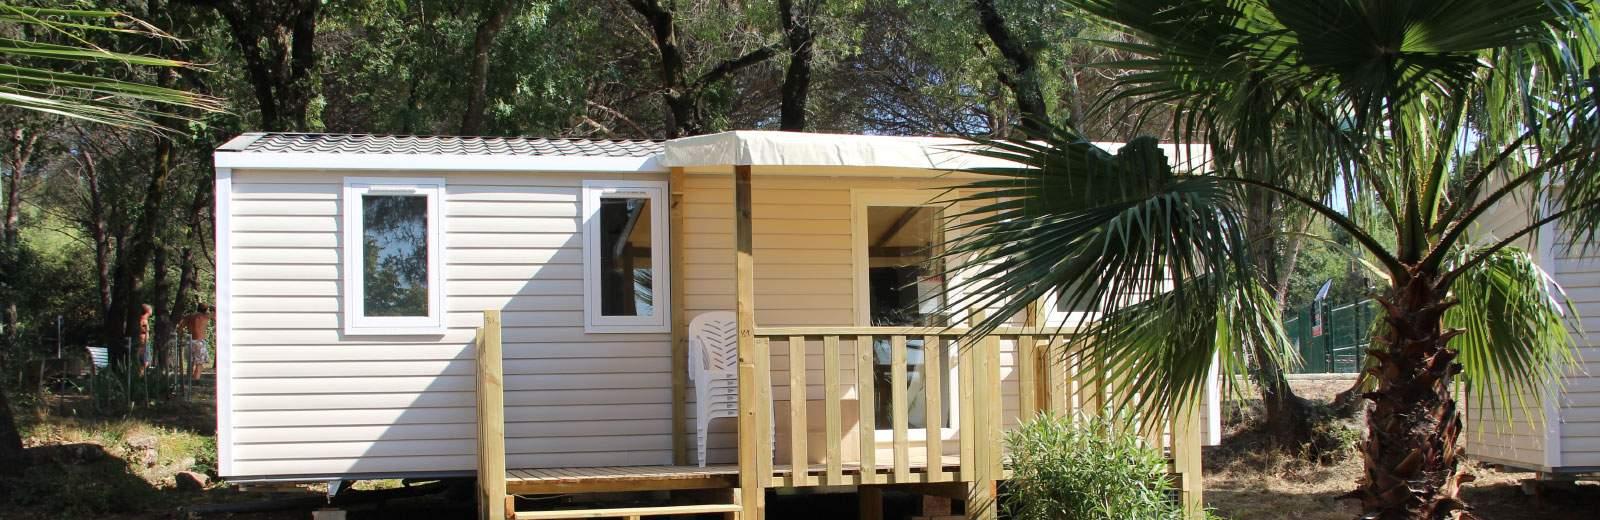 Découvrez une vingtaine de tentes, chalets et mobil-homes uniques au camping Site de Gorge Vent